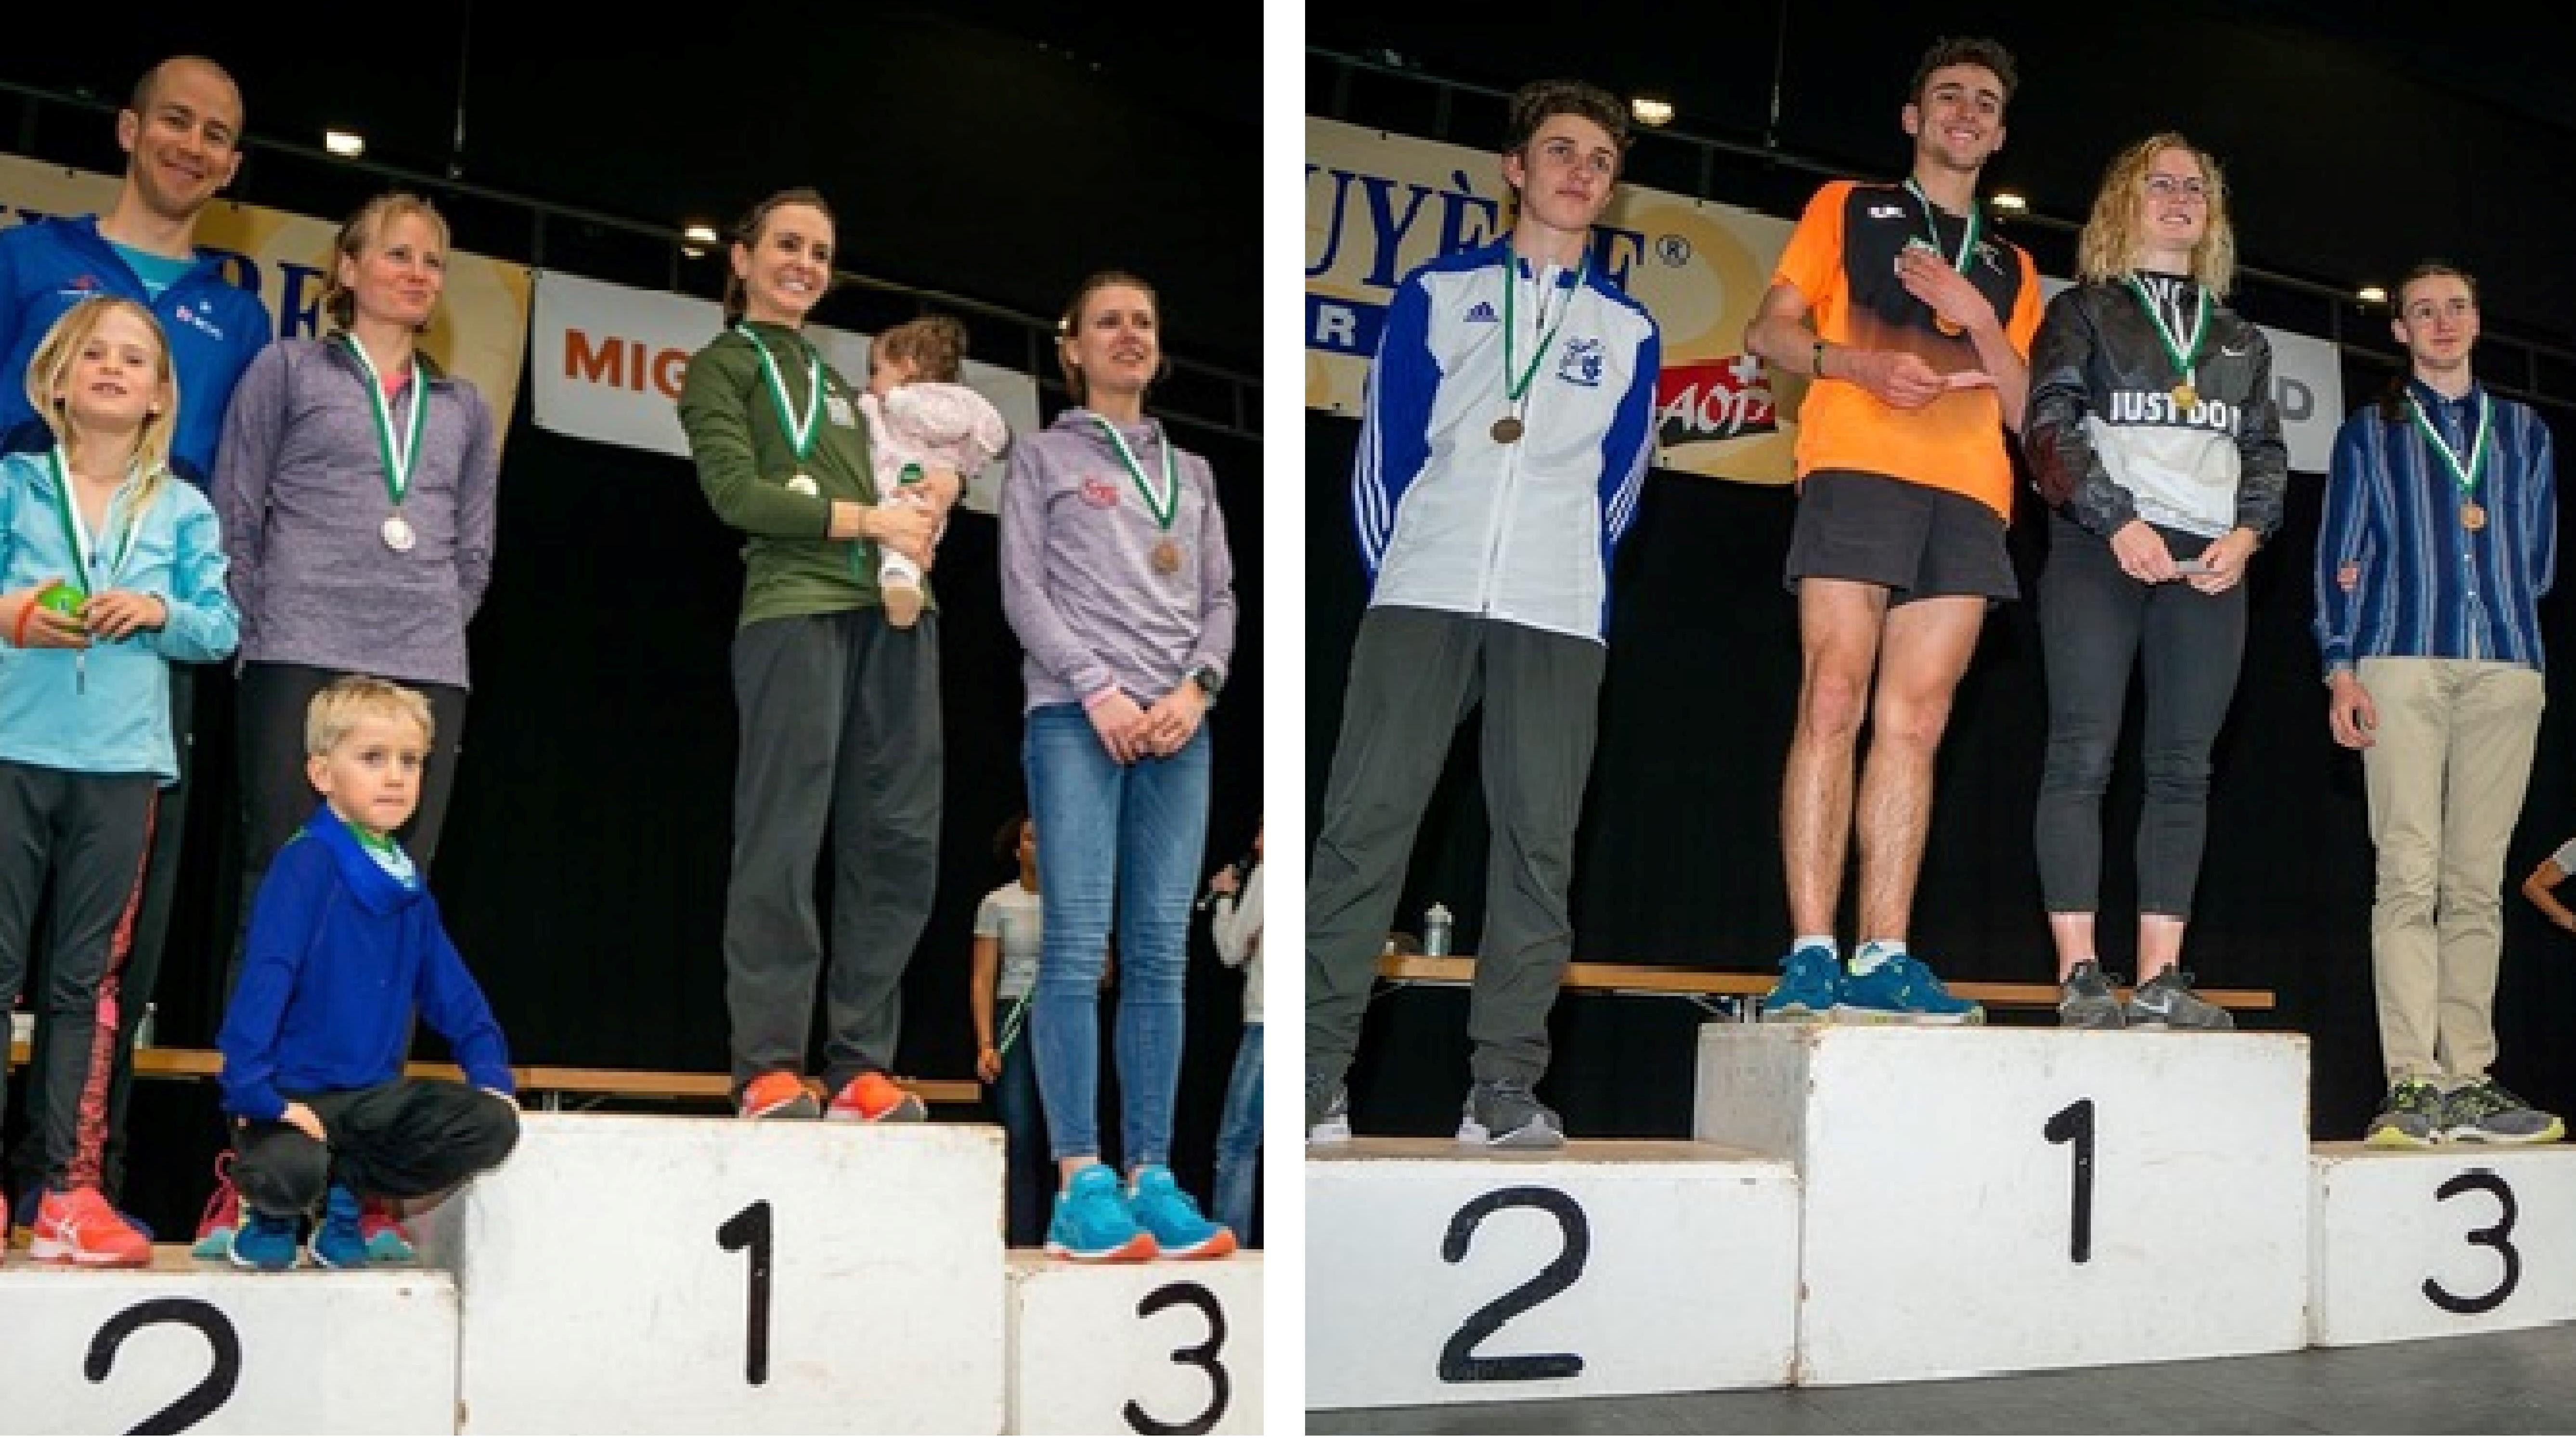 Championnats vaudois de 10 km. à Payerne